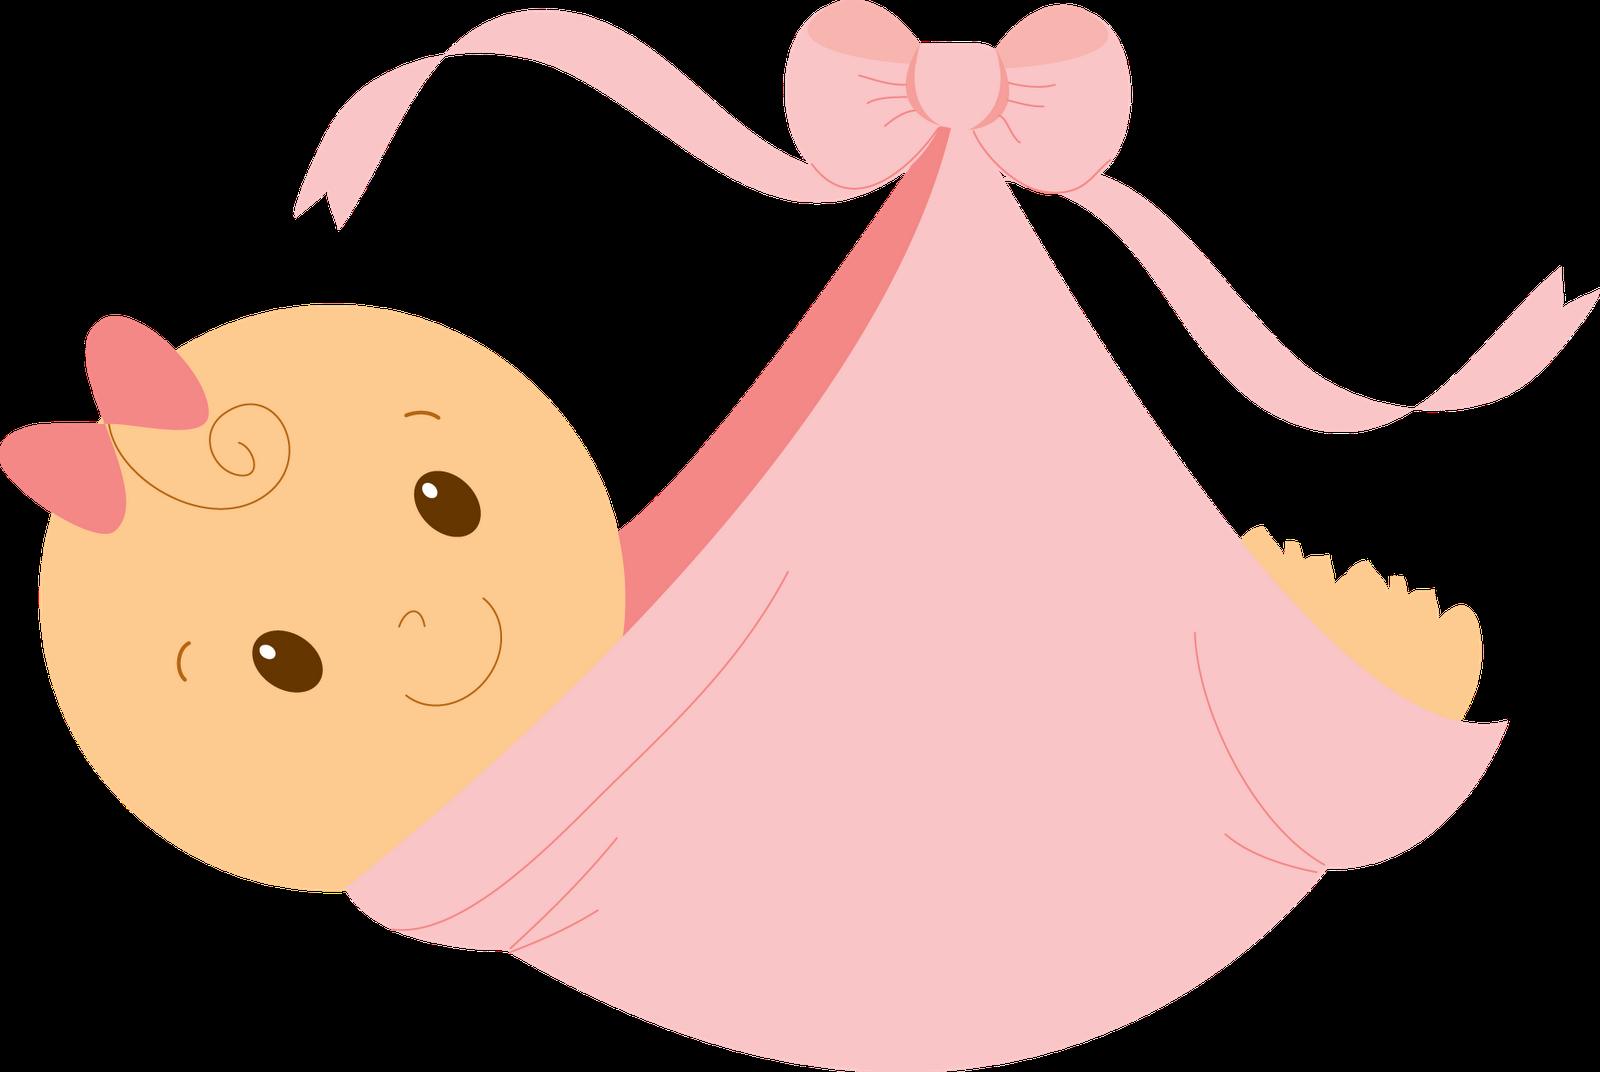 Baby book clipart free png png stock Baby Girl Clip Art | Abra a imagem em outra aba p salvar em seu ... png stock